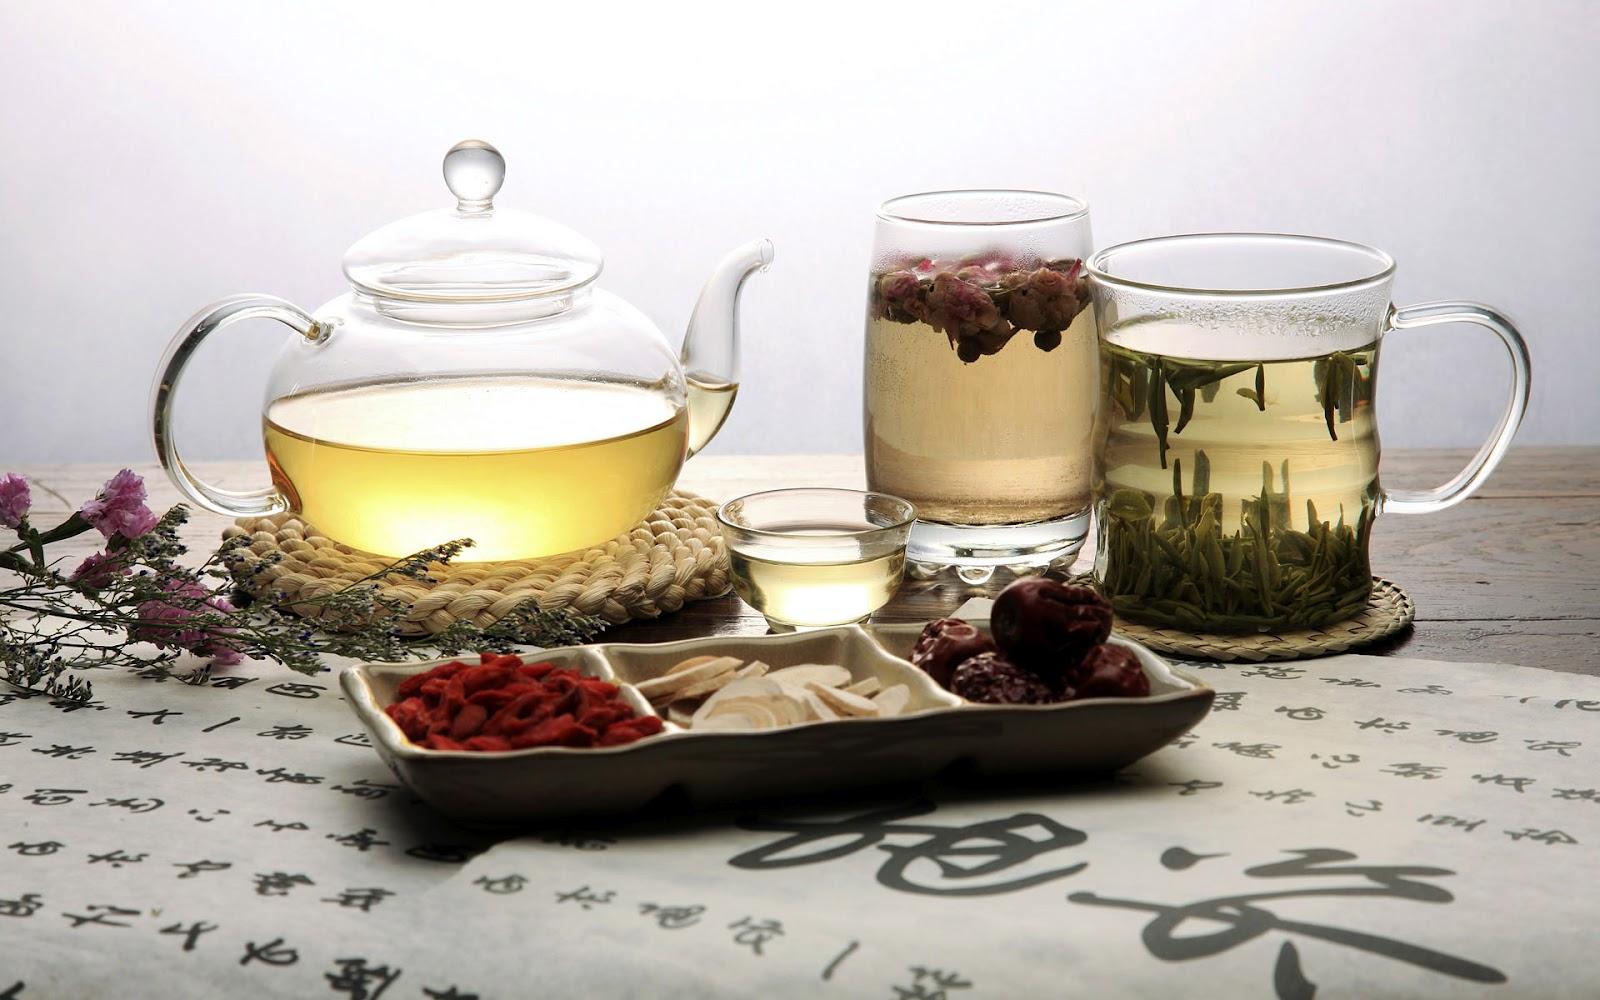 Открытки. Международный день чая. Чай в чашках